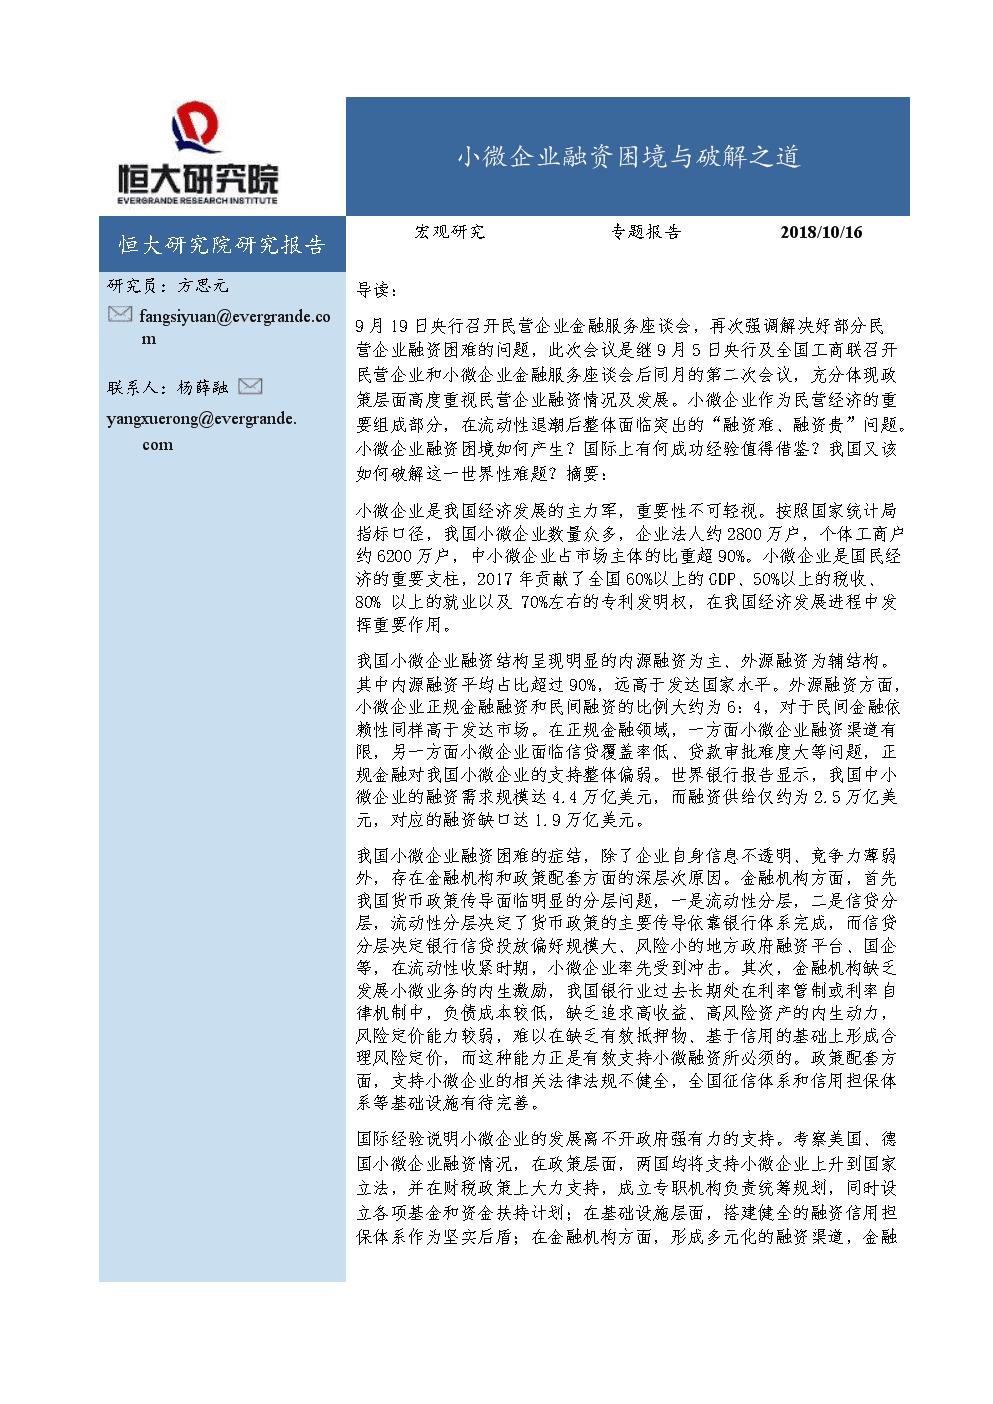 宏观研究专题报告:小微企业融资困境与破解之道-2018.docx